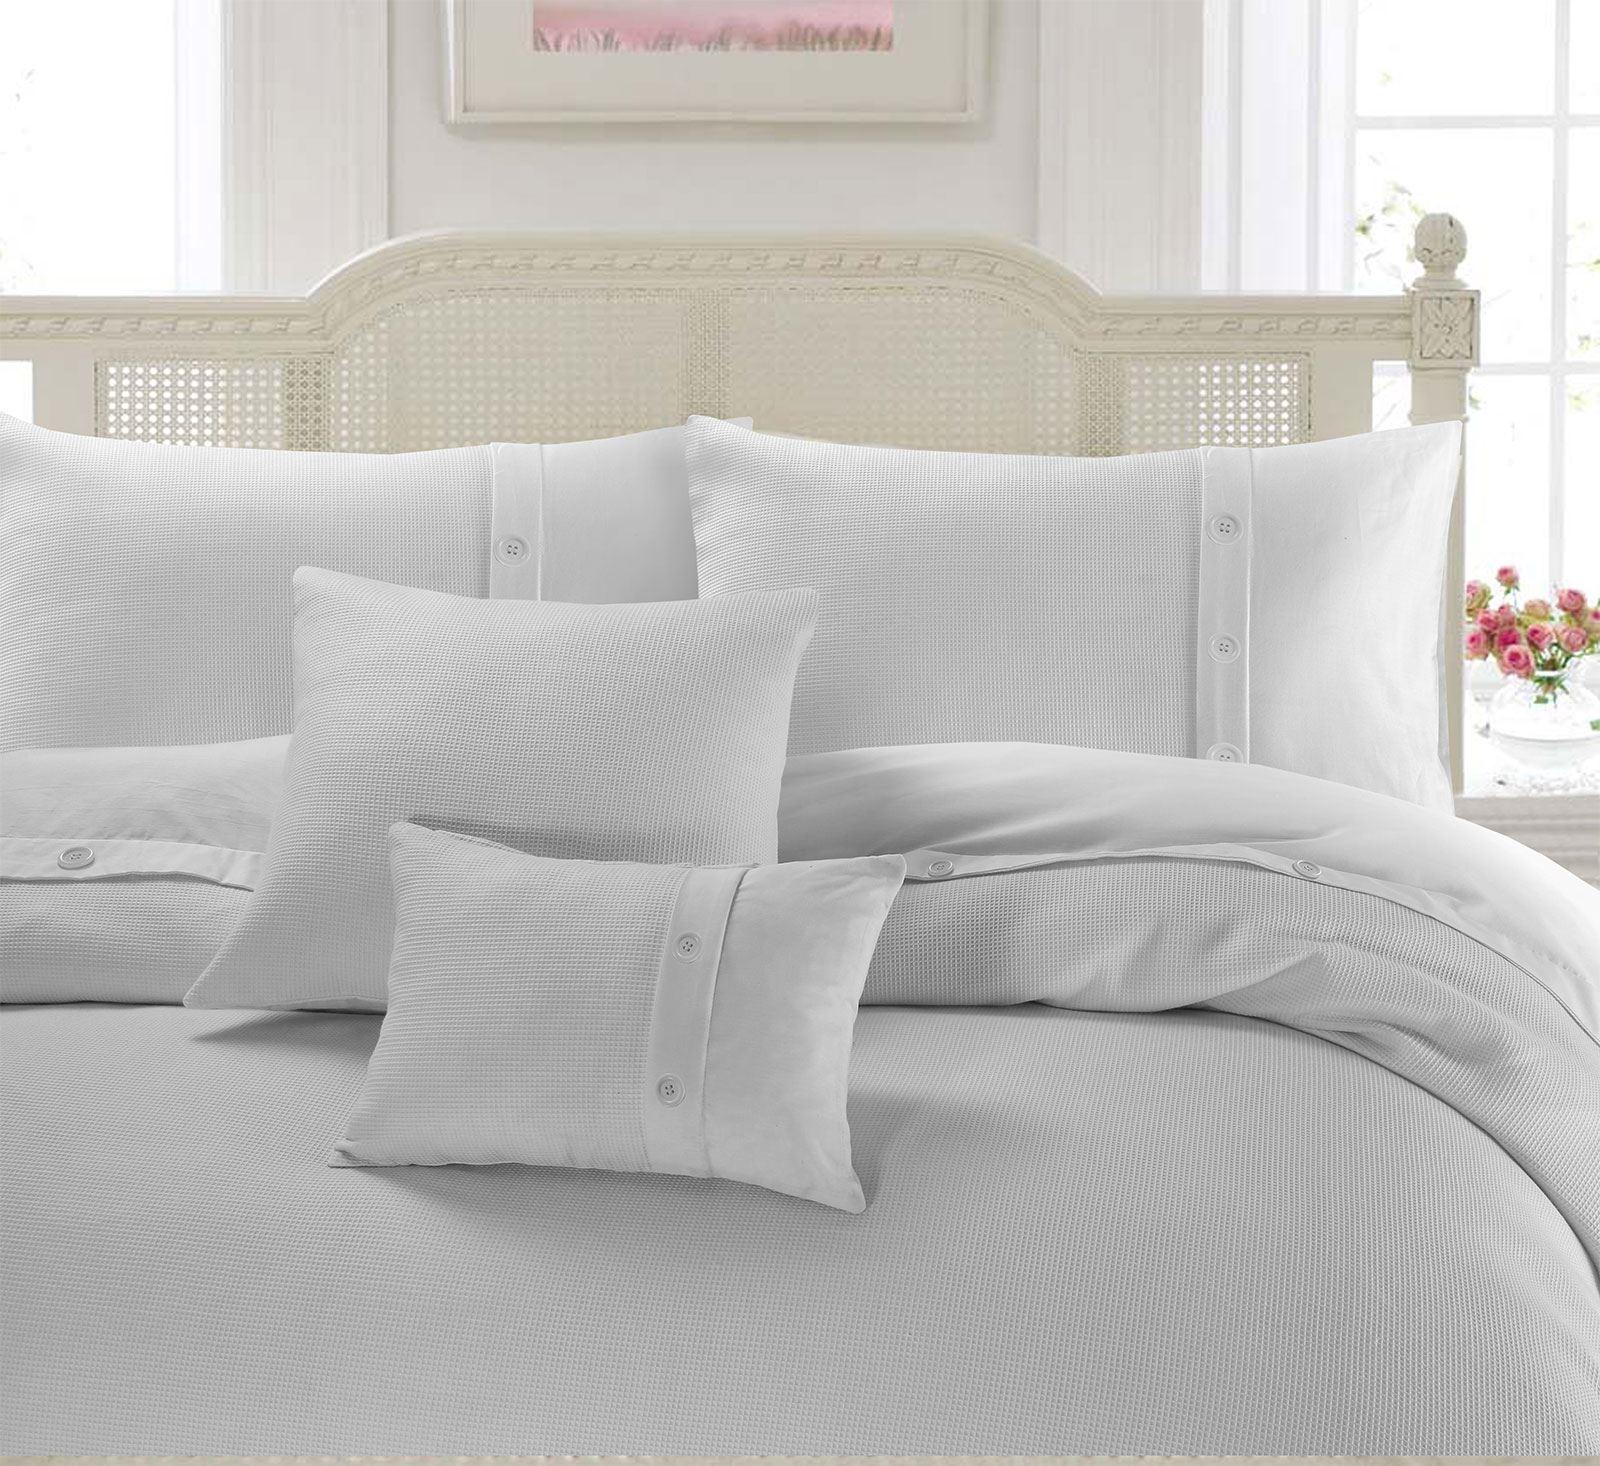 100-Algodon-Cuidado-facil-cubierta-del-edredon-edredon-multicolor-nuevo-conjunto-de-ropa-de-cama miniatura 24